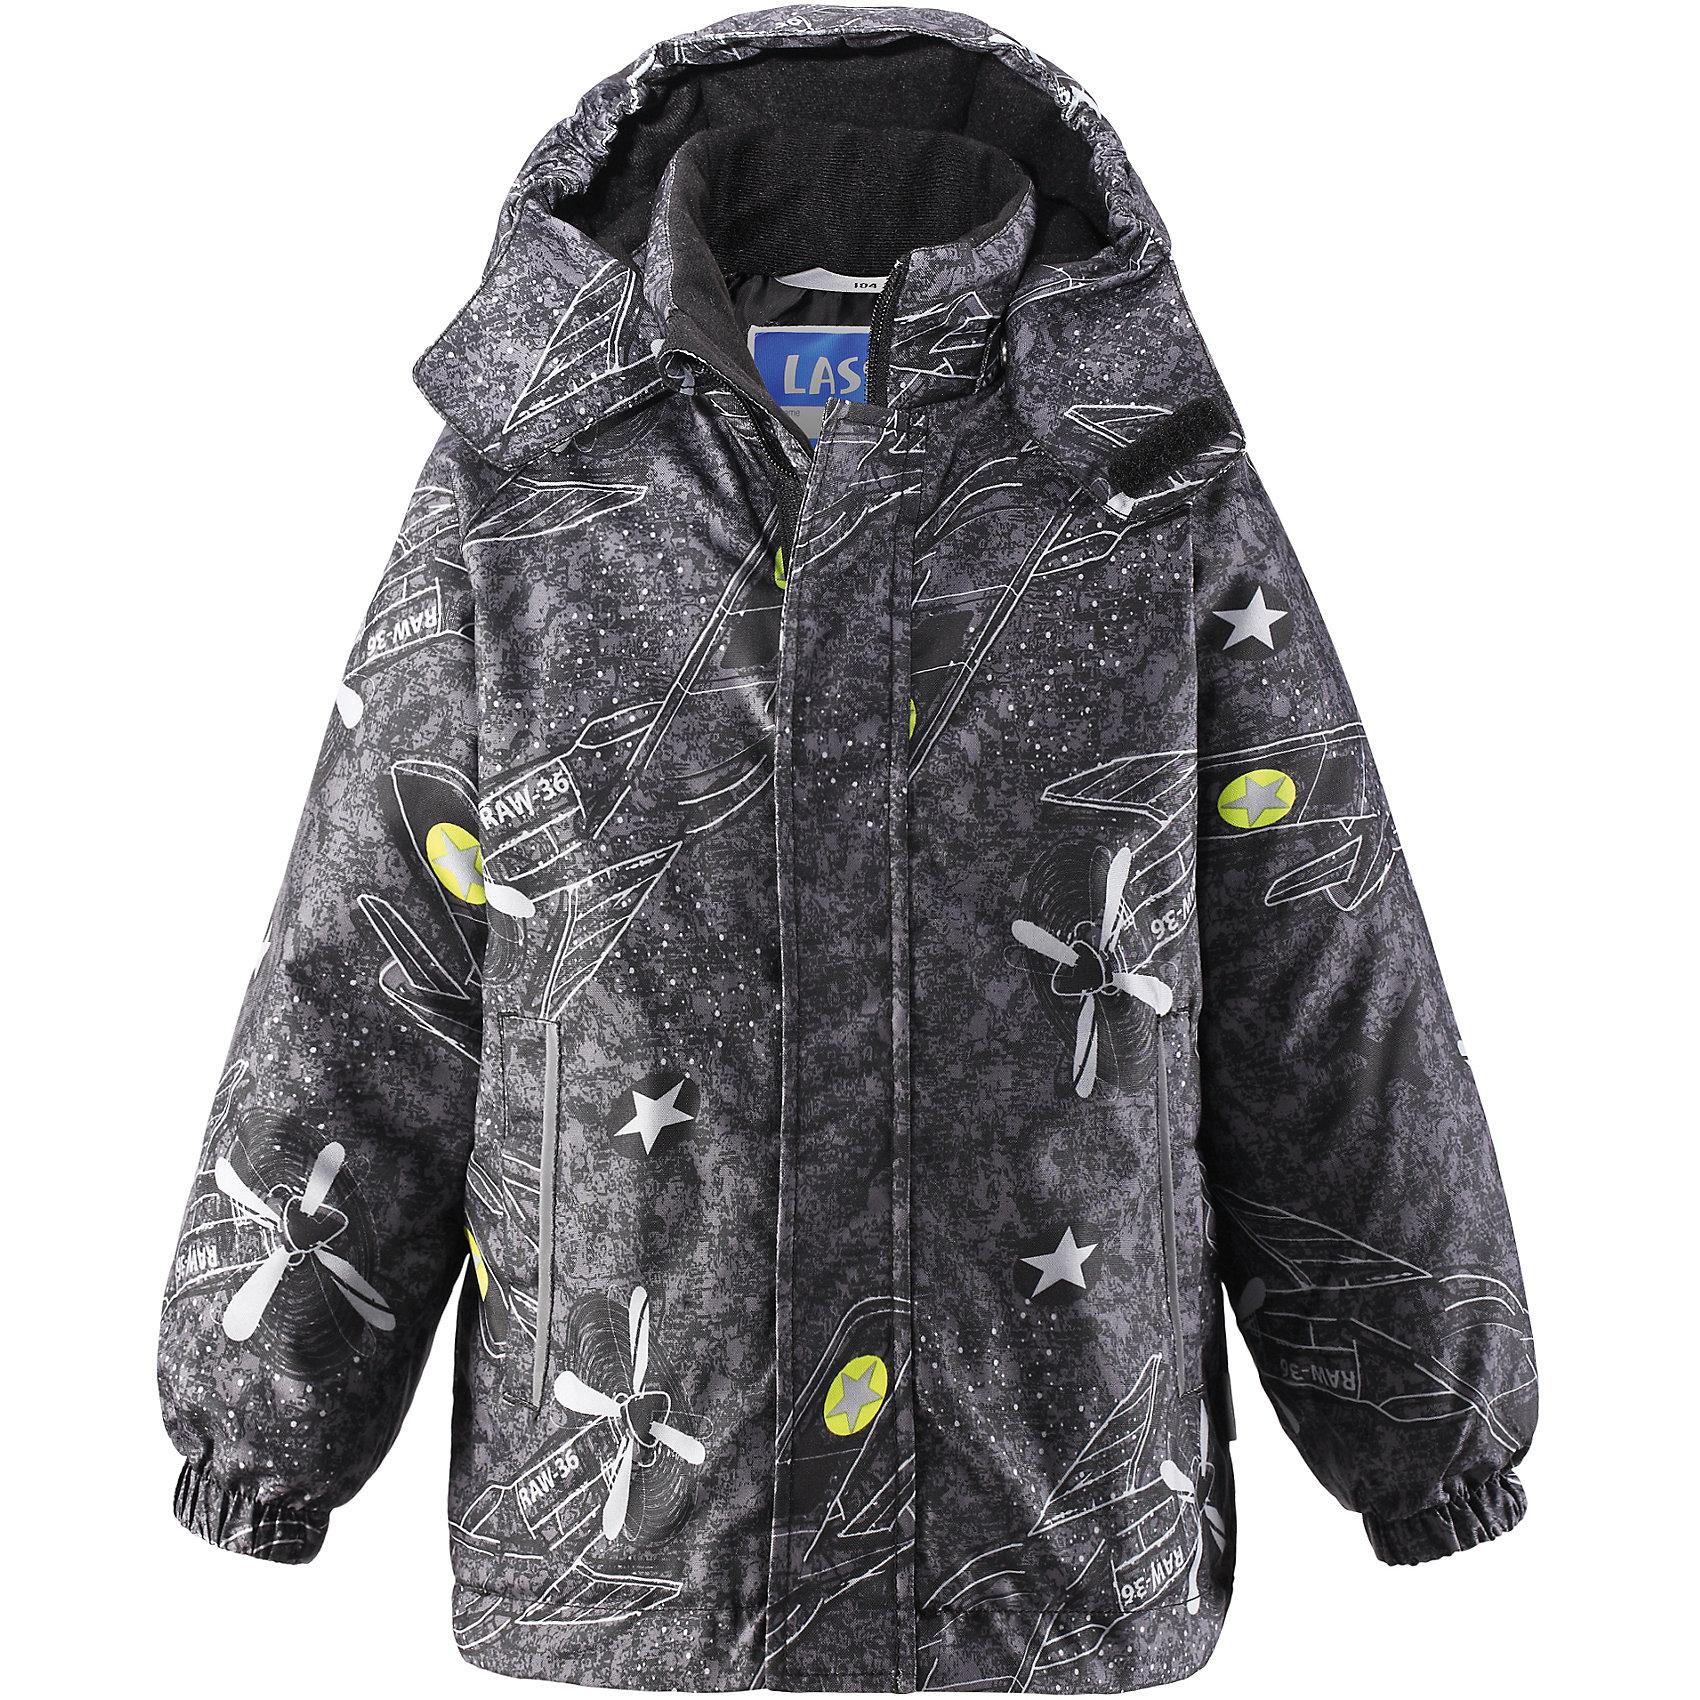 Куртка для мальчика LASSIEОдежда<br>Зимняя куртка для детей известной финской марки.<br><br>- Прочный материал. Водоотталкивающий, ветронепроницаемый, «дышащий» и грязеотталкивающий материал. <br>- Крой для девочек. <br>- Гладкая подкладка из полиэстра.<br>- Средняя степень утепления.<br>-  Безопасный, съемный капюшон. <br>- Эластичные манжеты. Карманы в боковых швах.<br>-  Принт по всей поверхности.  <br><br>Рекомендации по уходу: Стирать по отдельности, вывернув наизнанку. Застегнуть молнии и липучки. Соблюдать температуру в соответствии с руководством по уходу. Стирать моющим средством, не содержащим отбеливающие вещества. Полоскать без специального средства. Сушение в сушильном шкафу разрешено при  низкой температуре.<br><br>Состав: 100% Полиамид, полиуретановое покрытие.  Утеплитель «Lassie wadding» 180гр.<br><br>Ширина мм: 356<br>Глубина мм: 10<br>Высота мм: 245<br>Вес г: 519<br>Цвет: серый<br>Возраст от месяцев: 18<br>Возраст до месяцев: 24<br>Пол: Мужской<br>Возраст: Детский<br>Размер: 92,140,98,104,110,116,122,128,134<br>SKU: 4782308